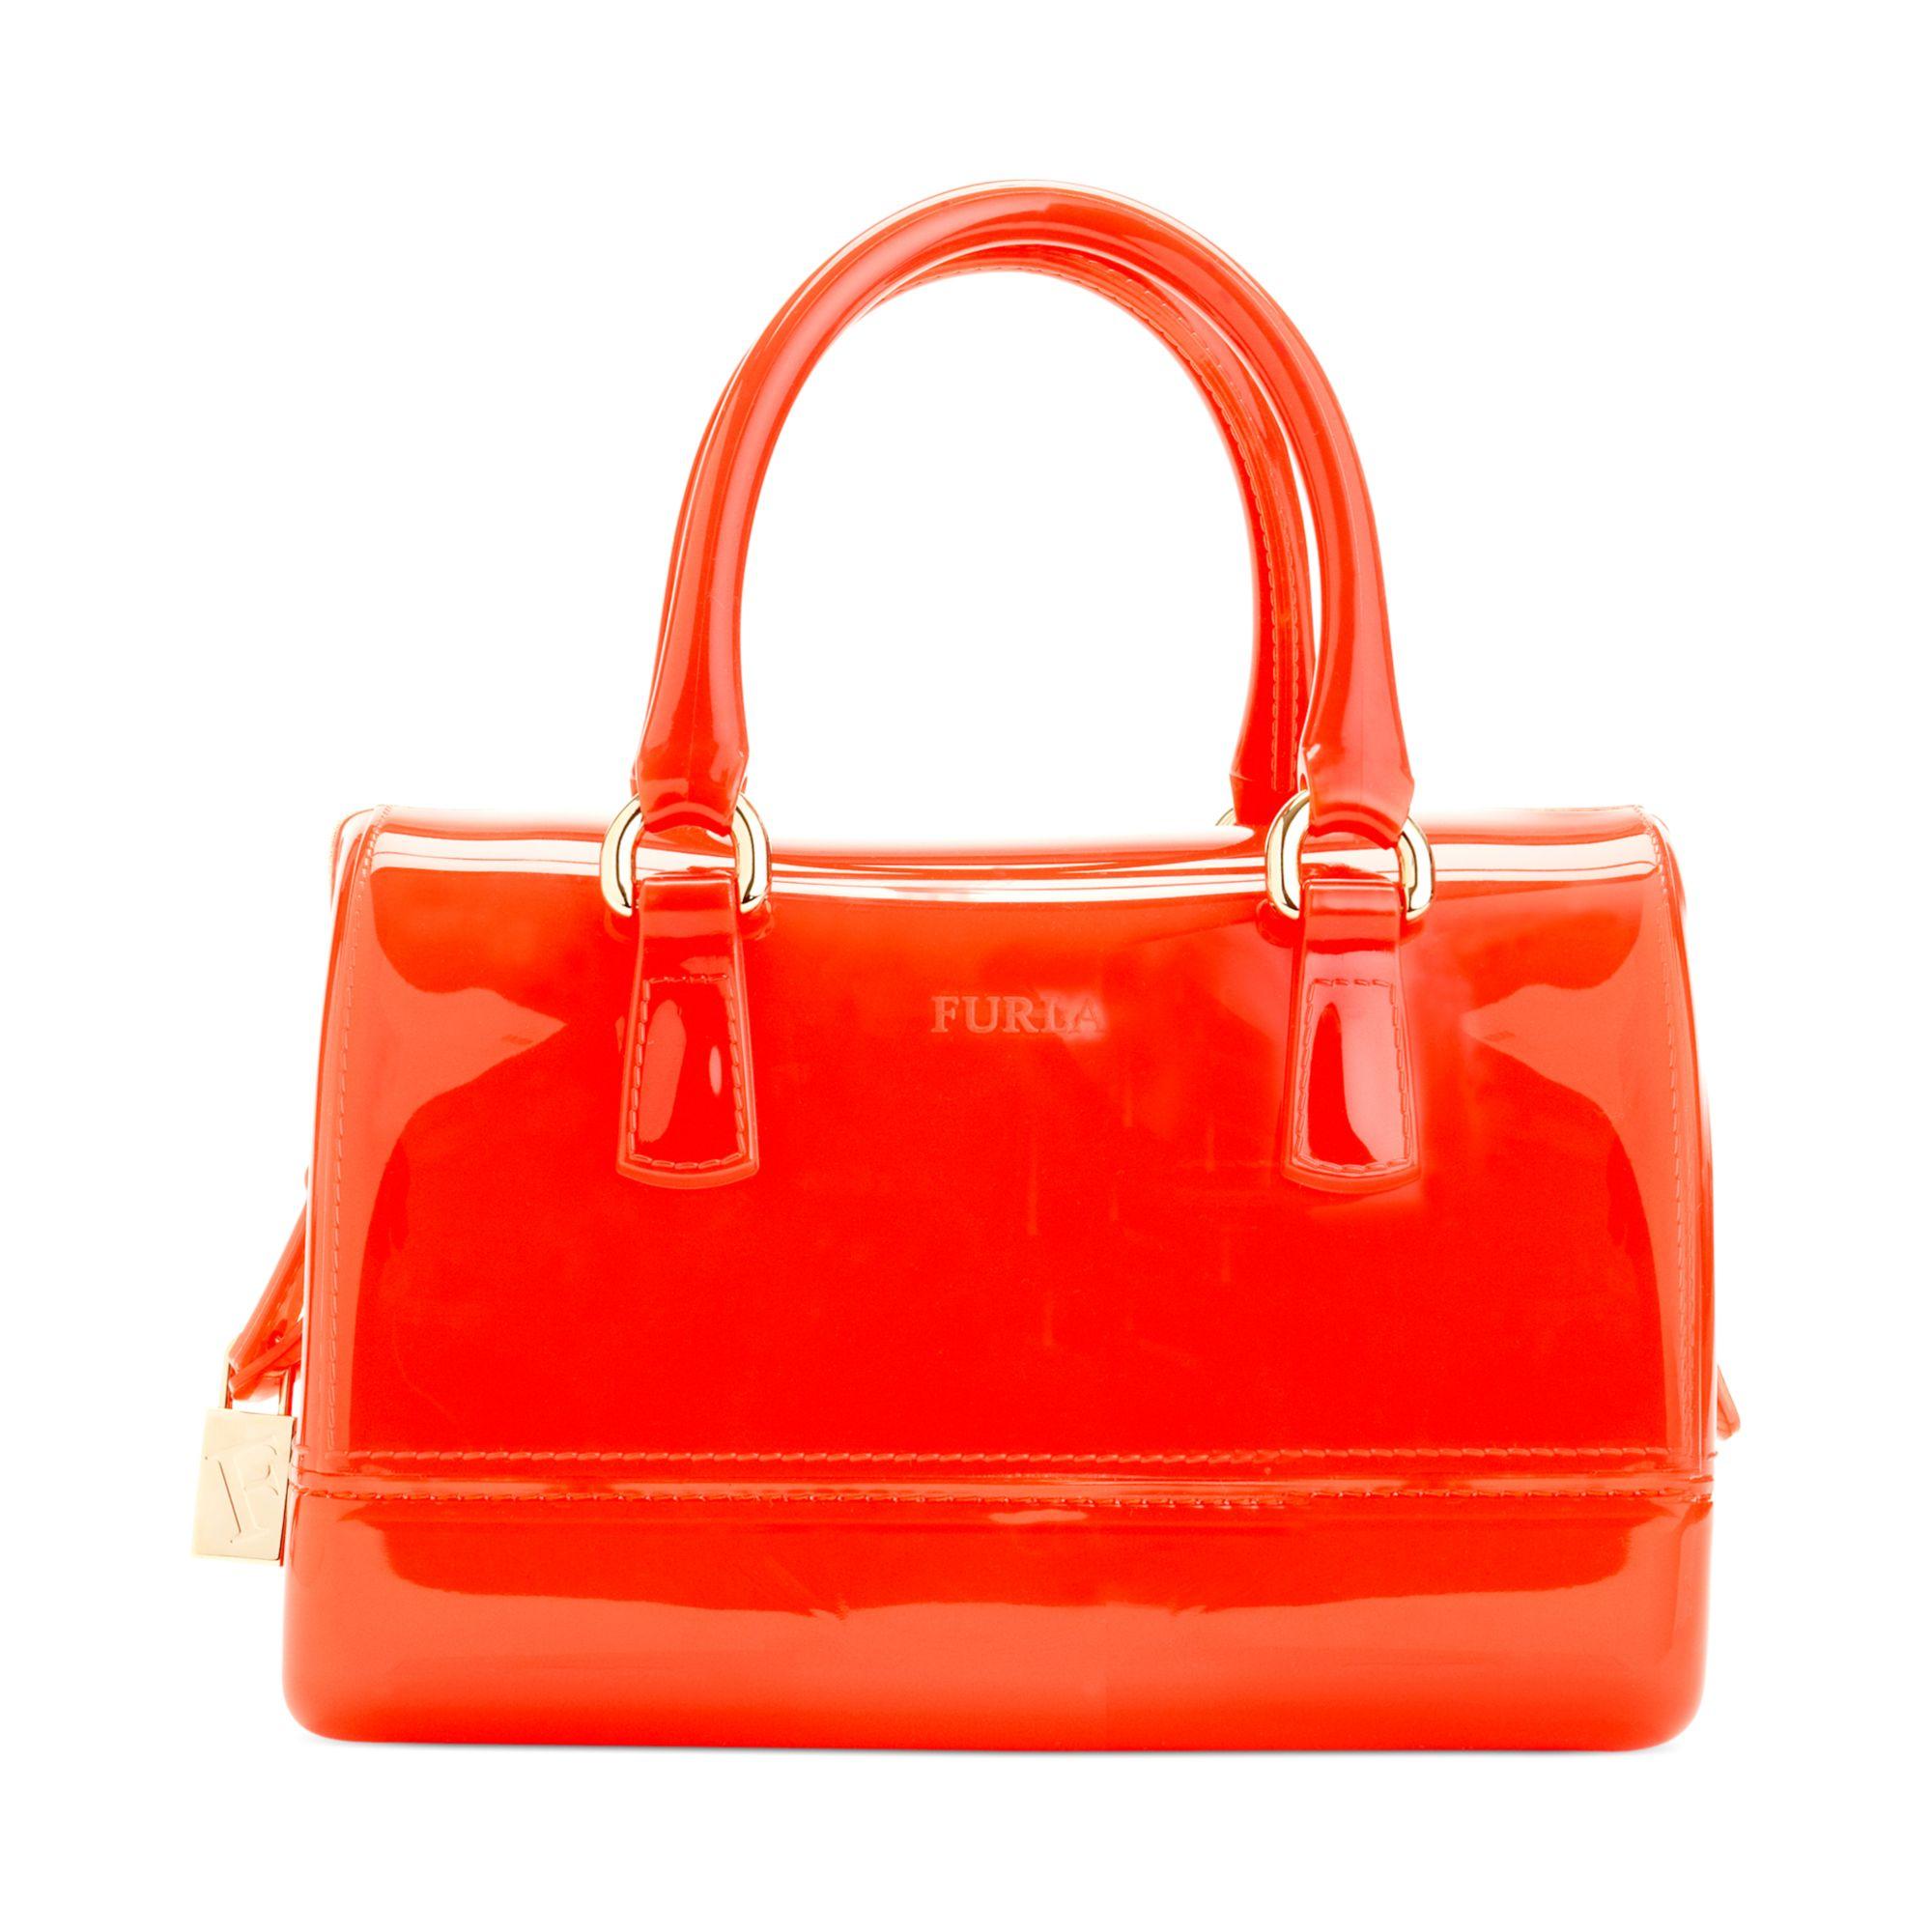 furla mini bauletto bag in orange speed lyst